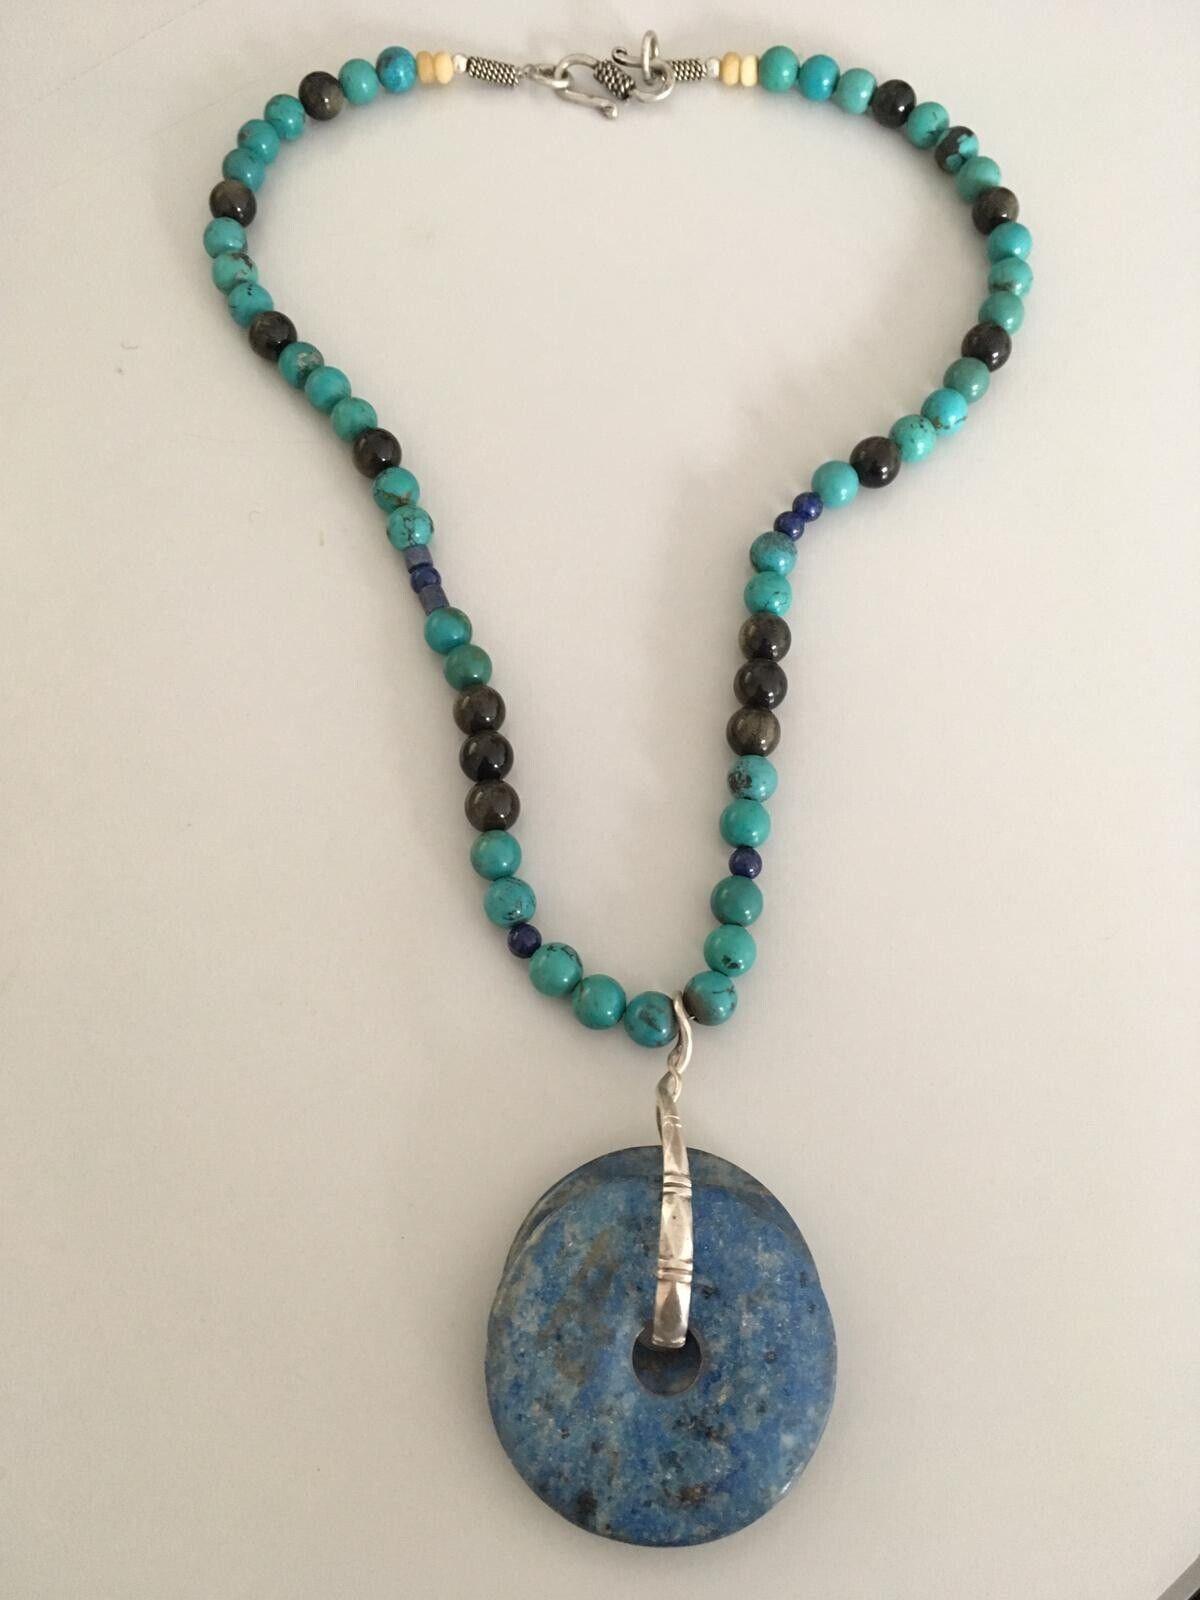 Boho etnico splendido argentoo con perline perline perline TURCHESE LAPIS Semi Preziosi Collana di pietra 7f3bc0